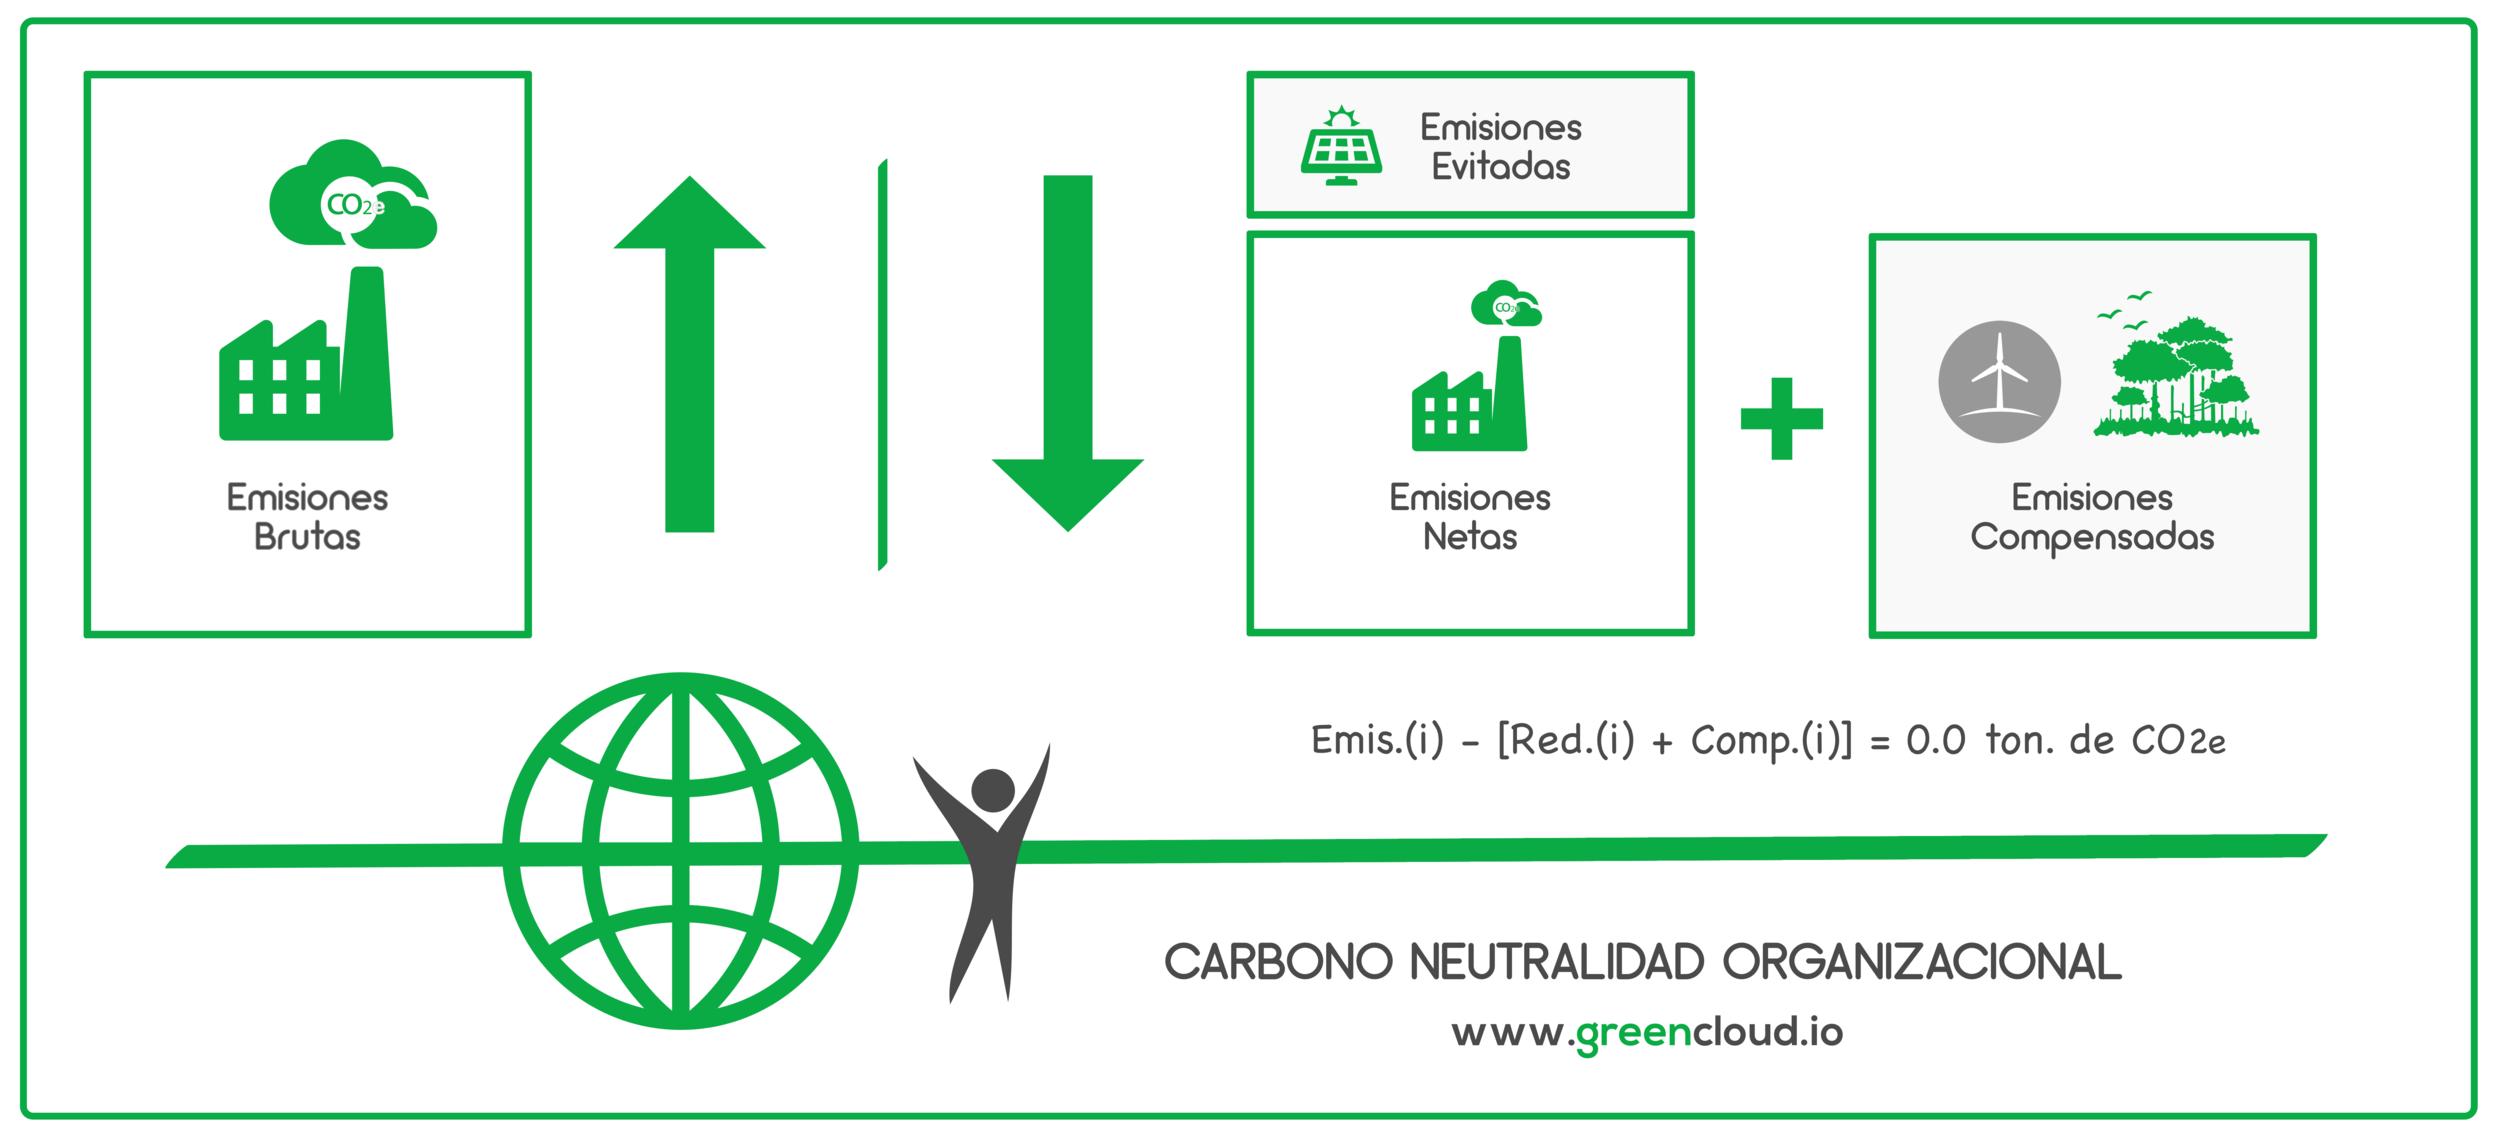 Carbono Neutralidad - GreenCloud